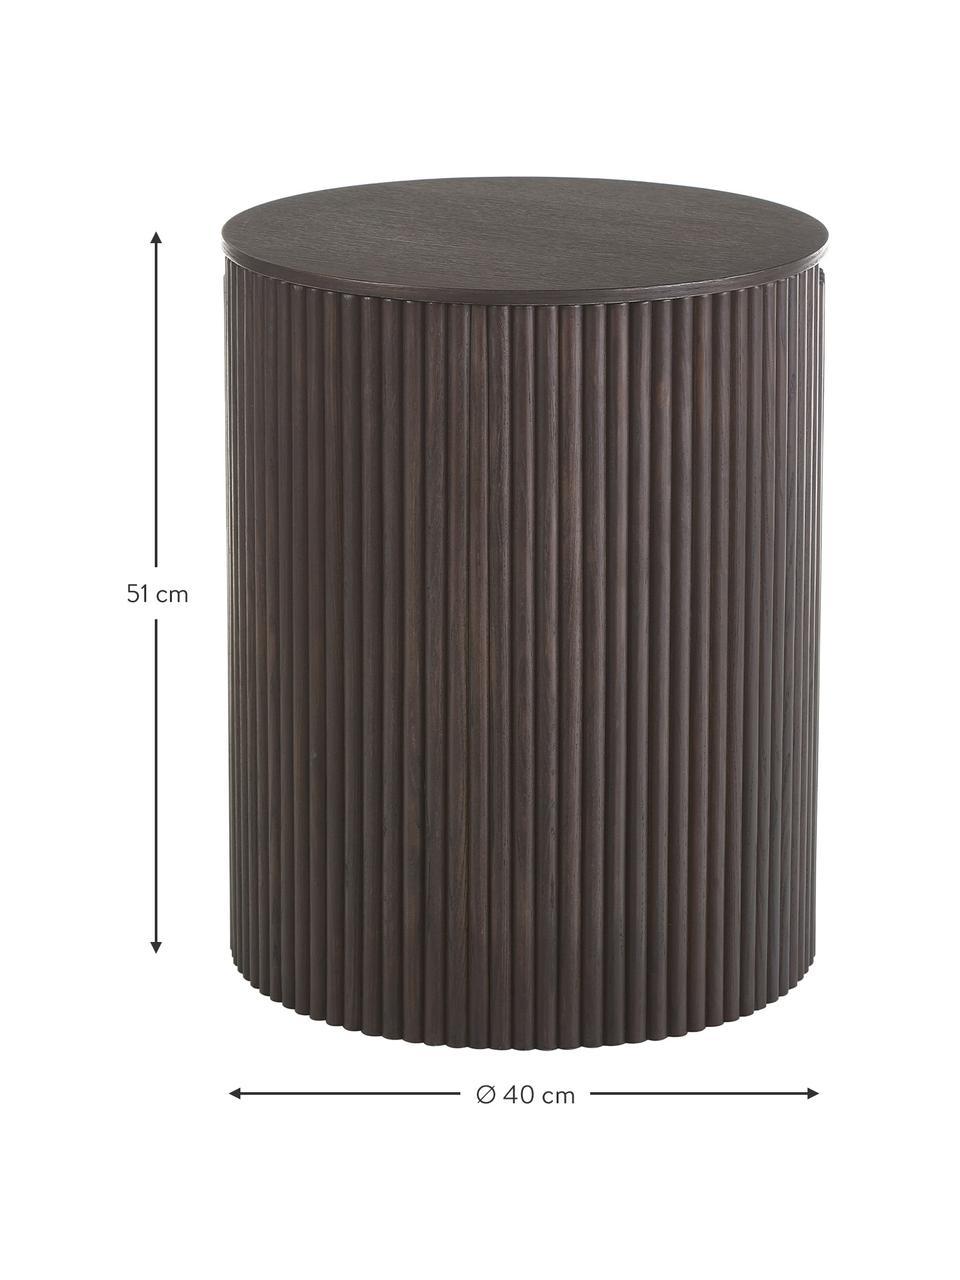 Holz-Beistelltisch Nele mit Stauraum, Mitteldichte Holzfaserplatte (MDF) mit Eschenholzfurnier, Dunkelbraun, Ø 40 x H 51 cm